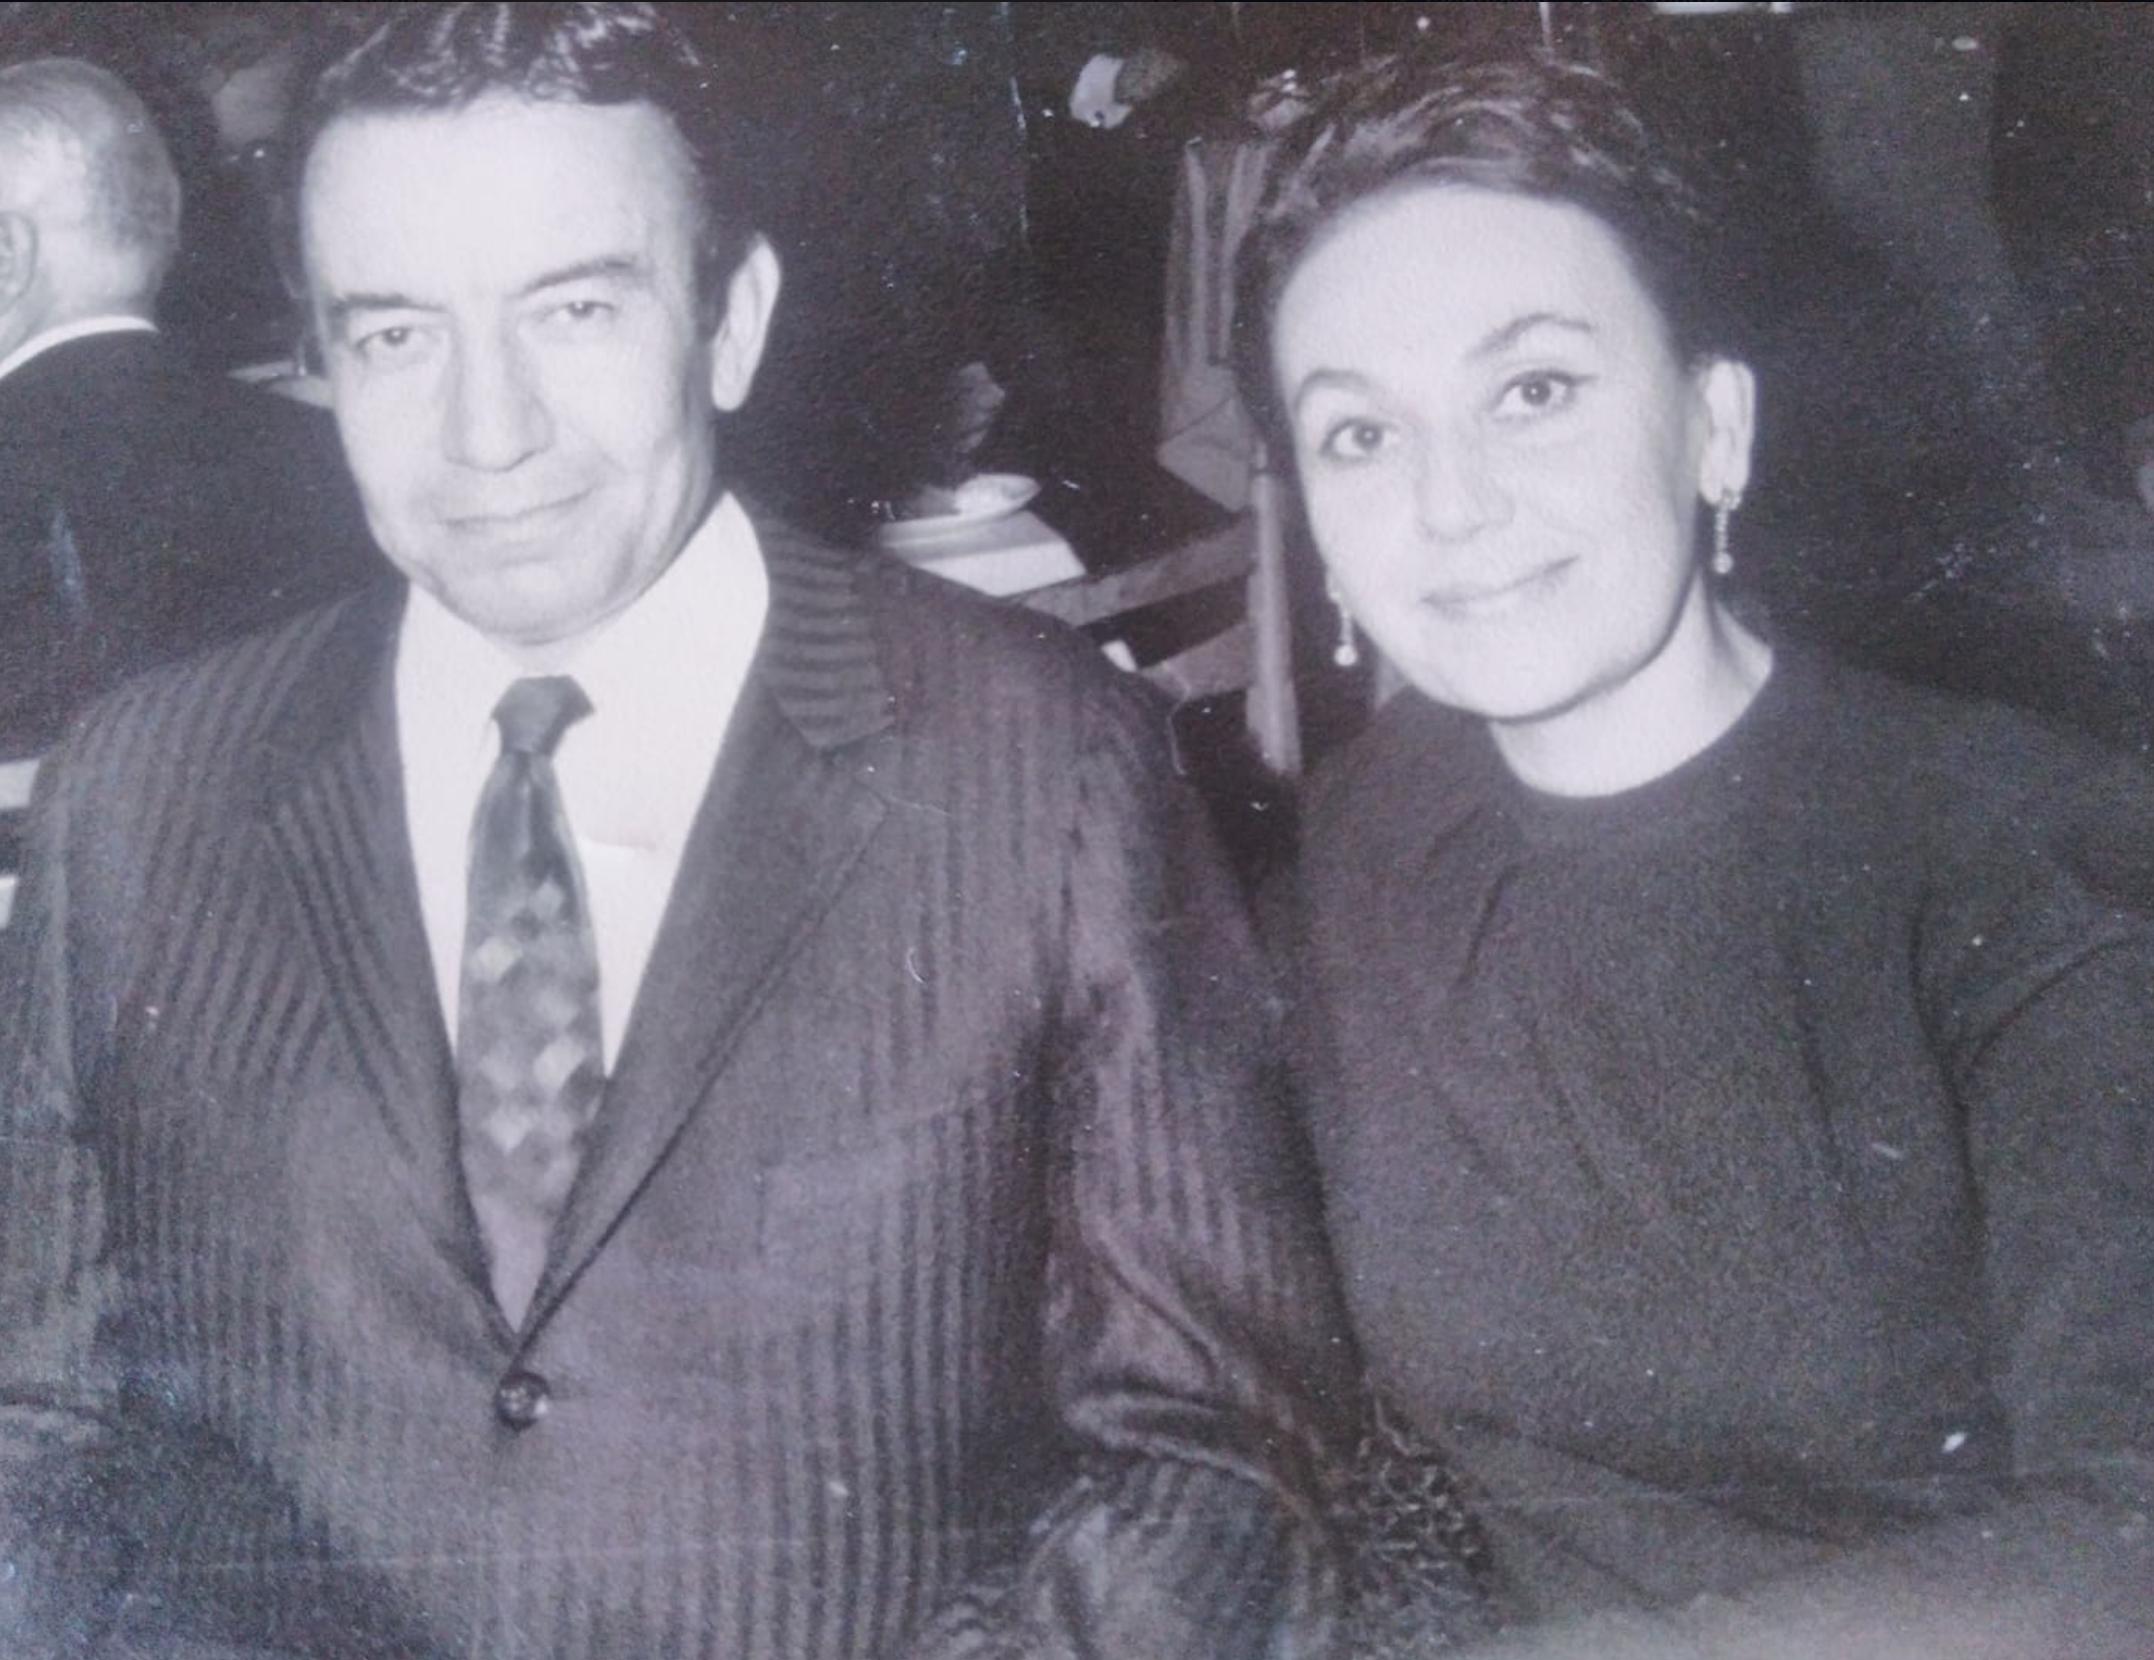 Alev Eltern – ein Bild aus den 60er Jahren. Foto: privat